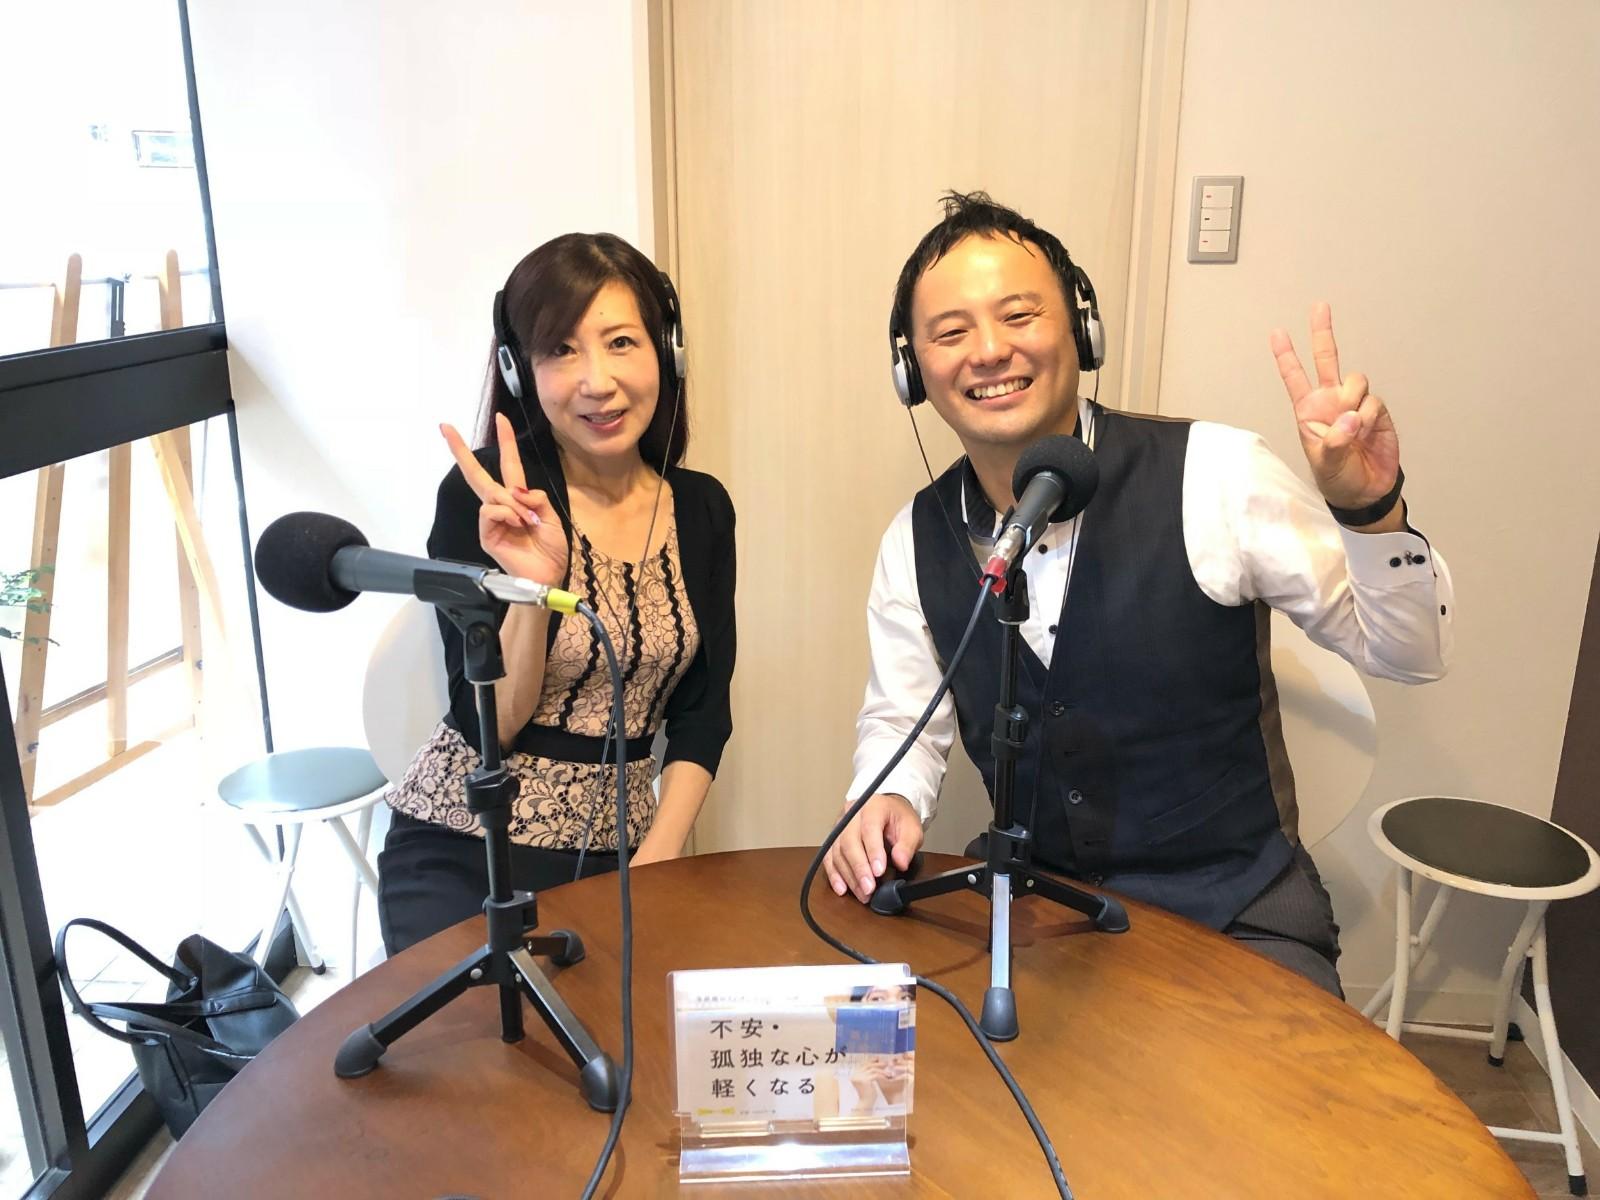 ゆめのたね放送局吉田健一さんの番組「社長の語りBar」にゲスト出演!